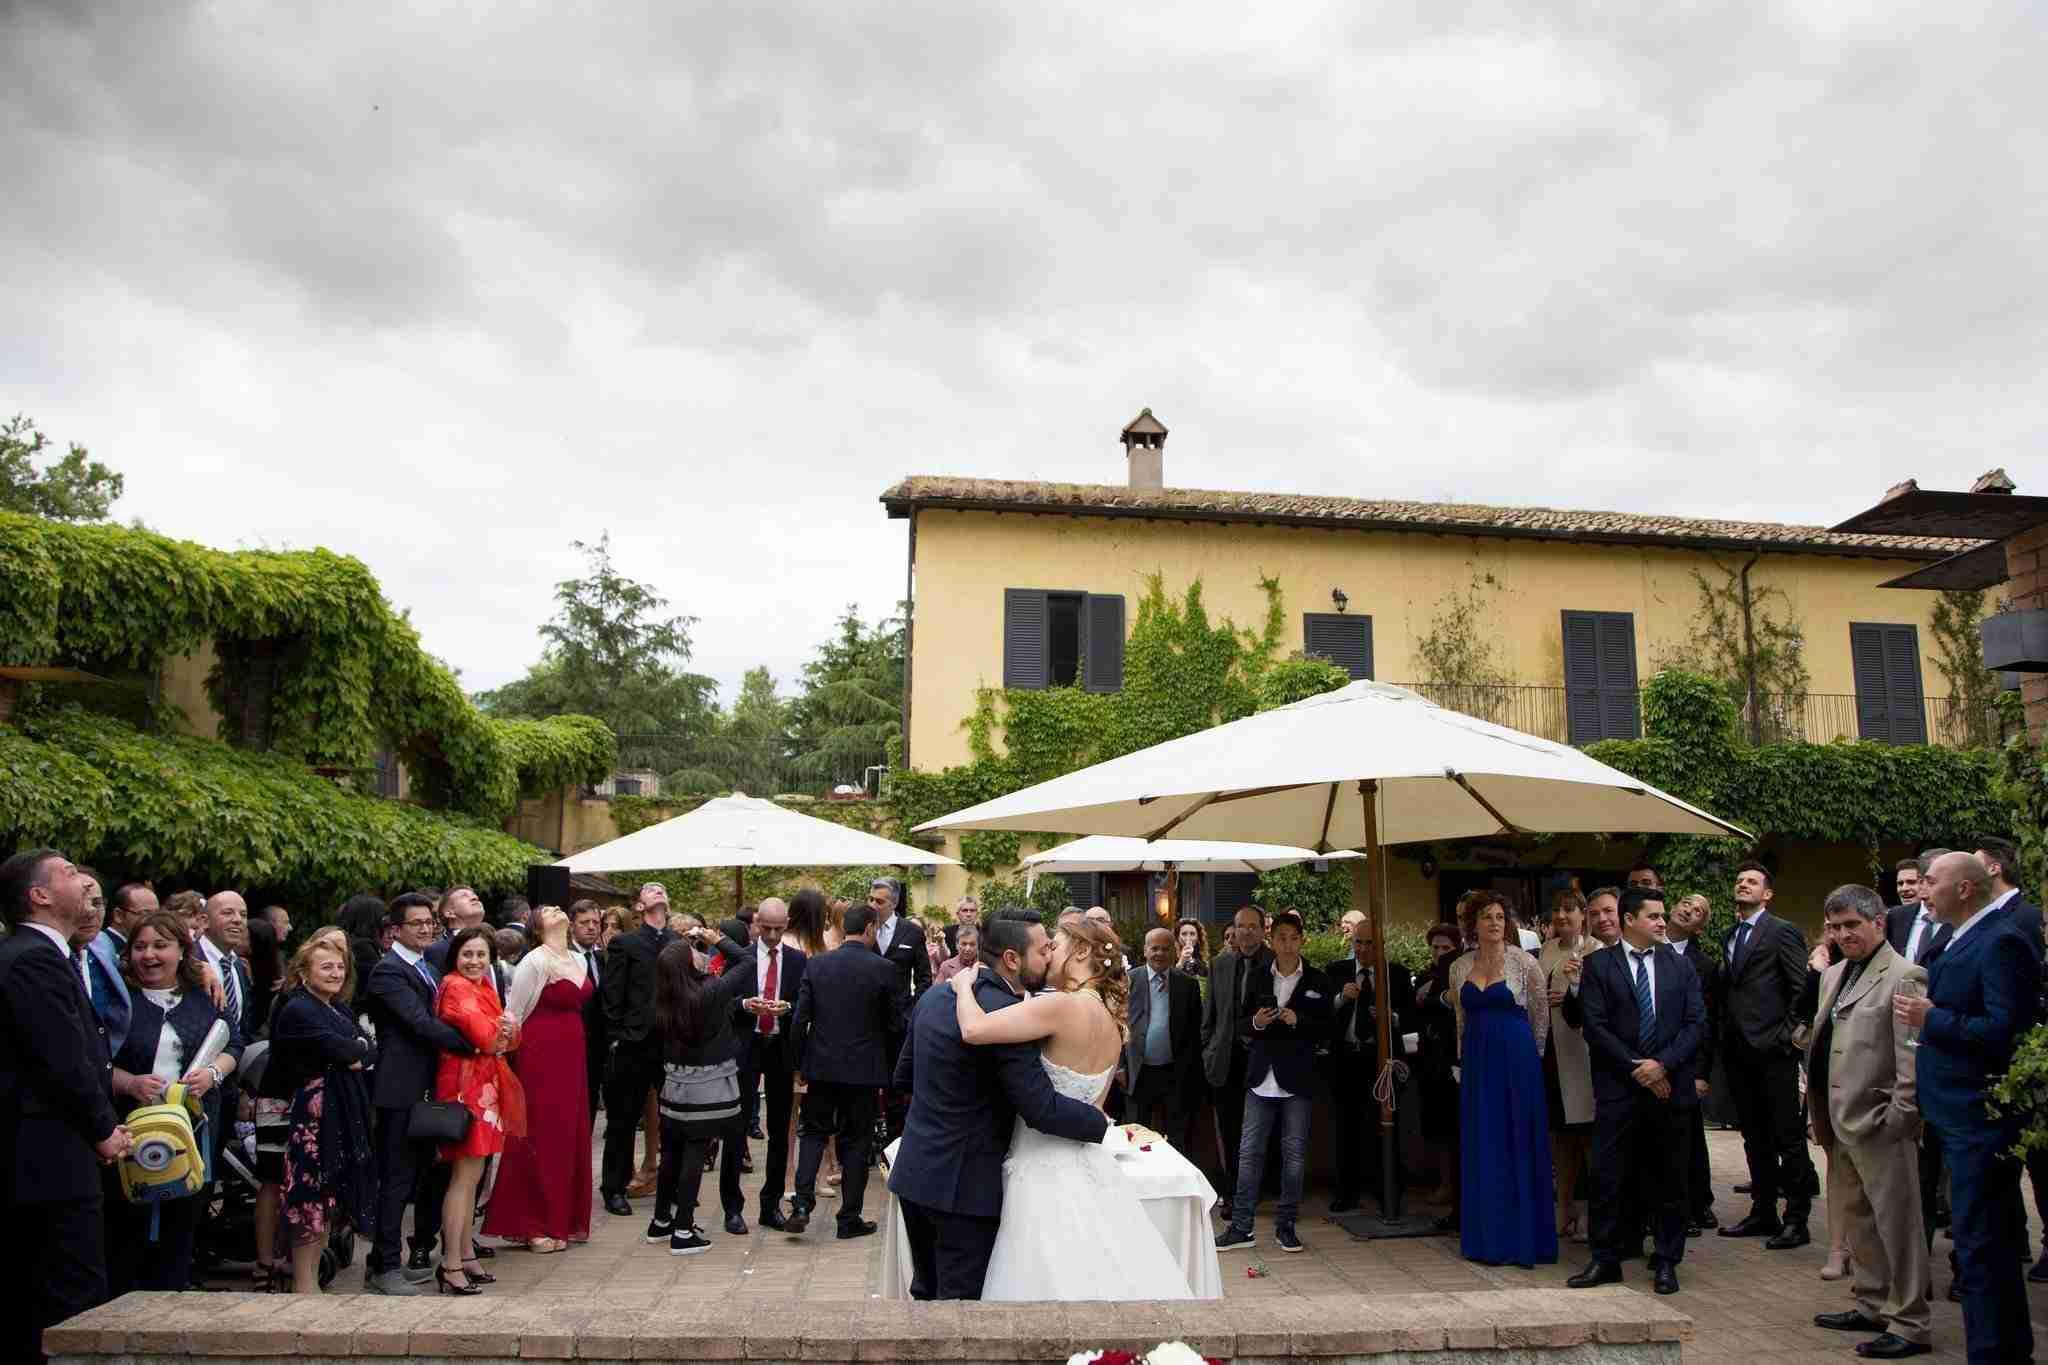 Matrimonio al Casale Santa Brigida: Ricevimento esterno, giardino